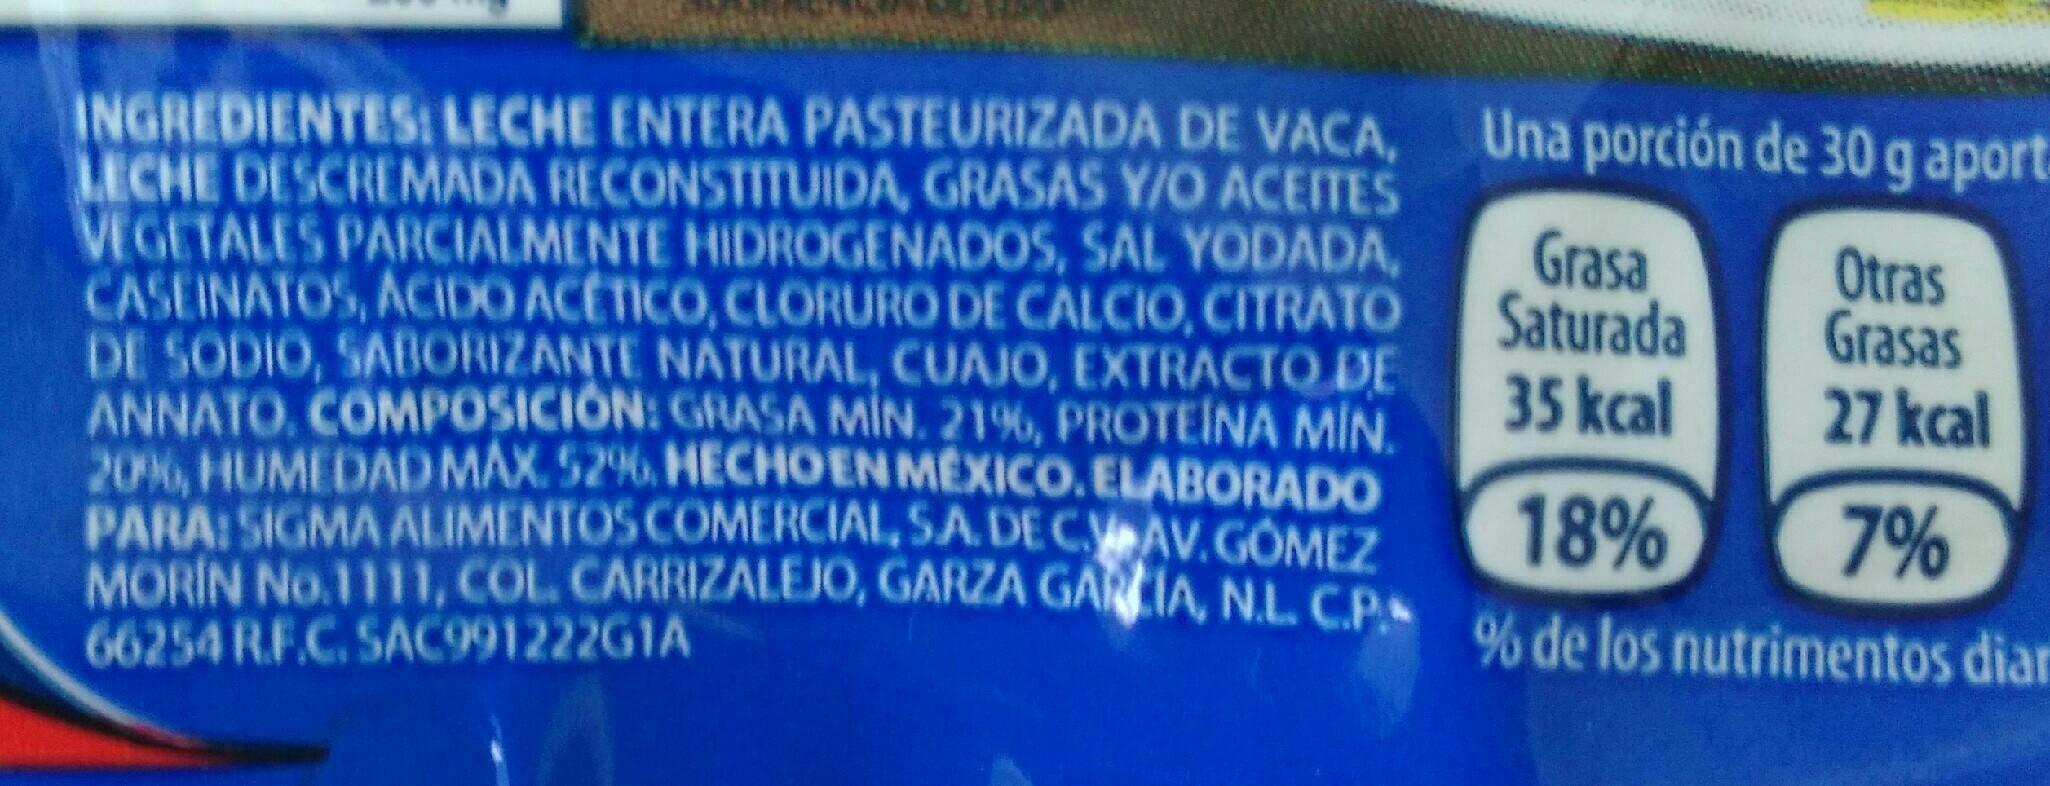 Queso Oaxaca - Ingredientes - fr